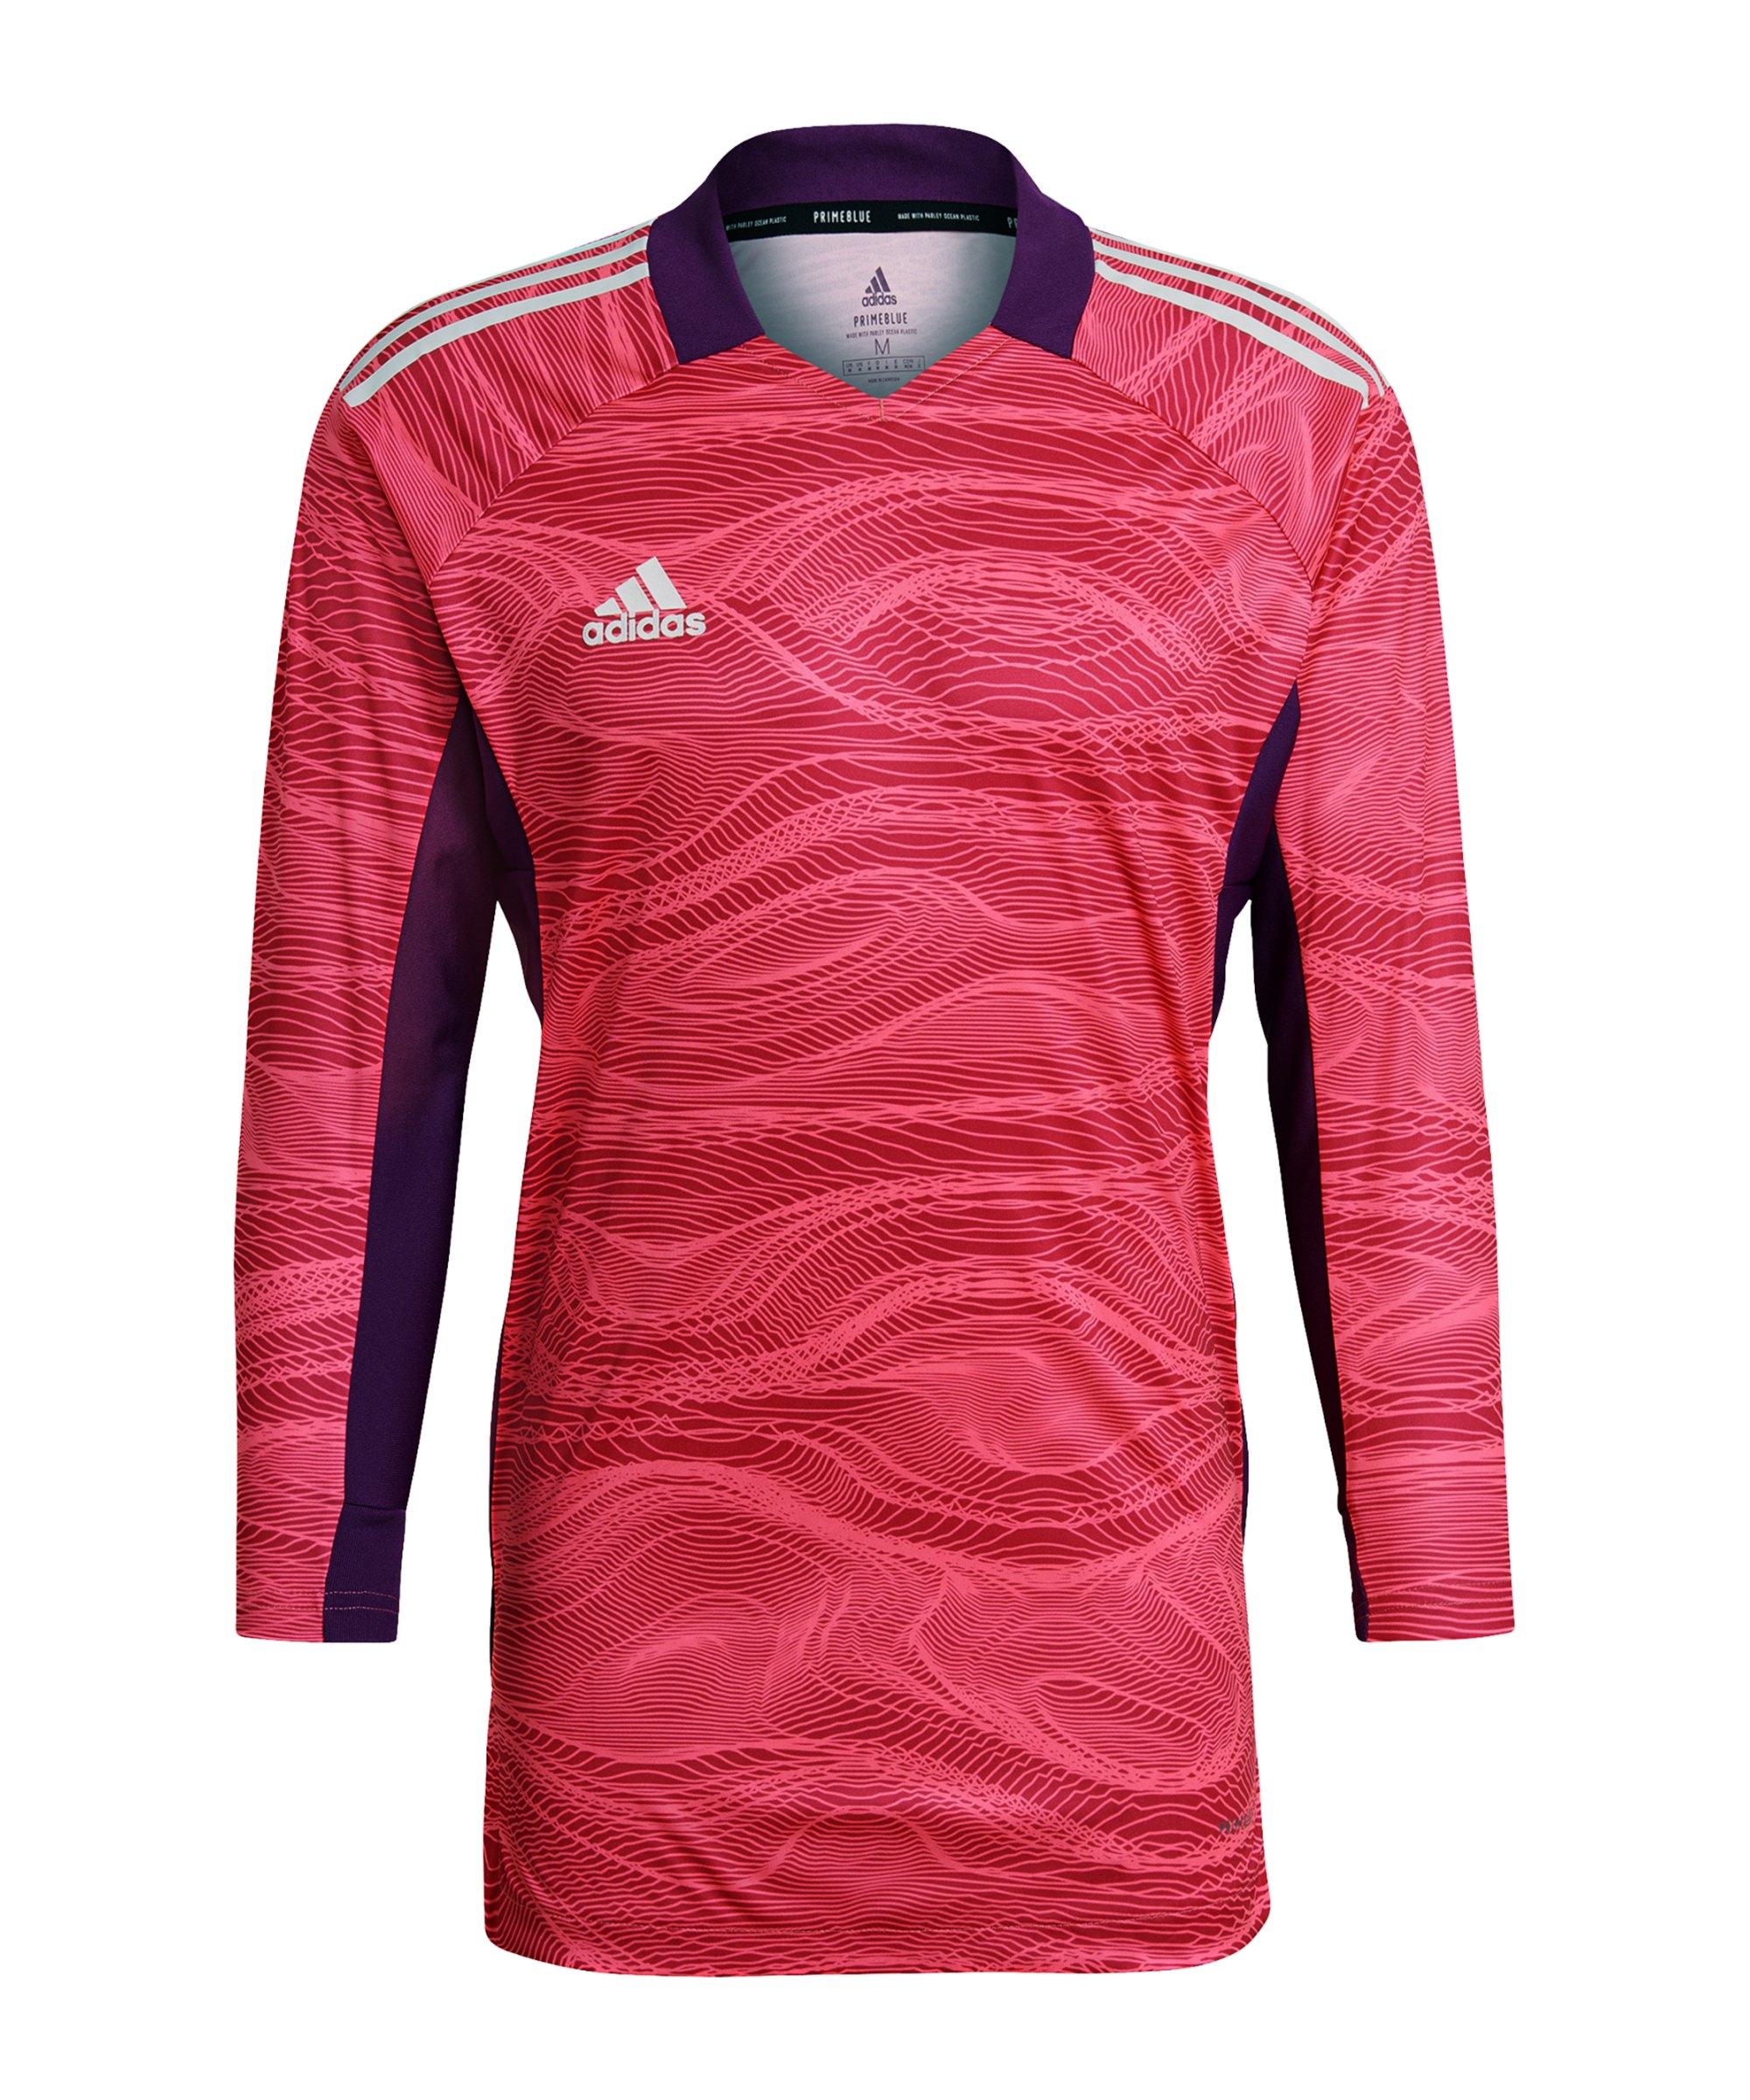 adidas Condivo 21 Torwarttrikot langarm Pink - pink